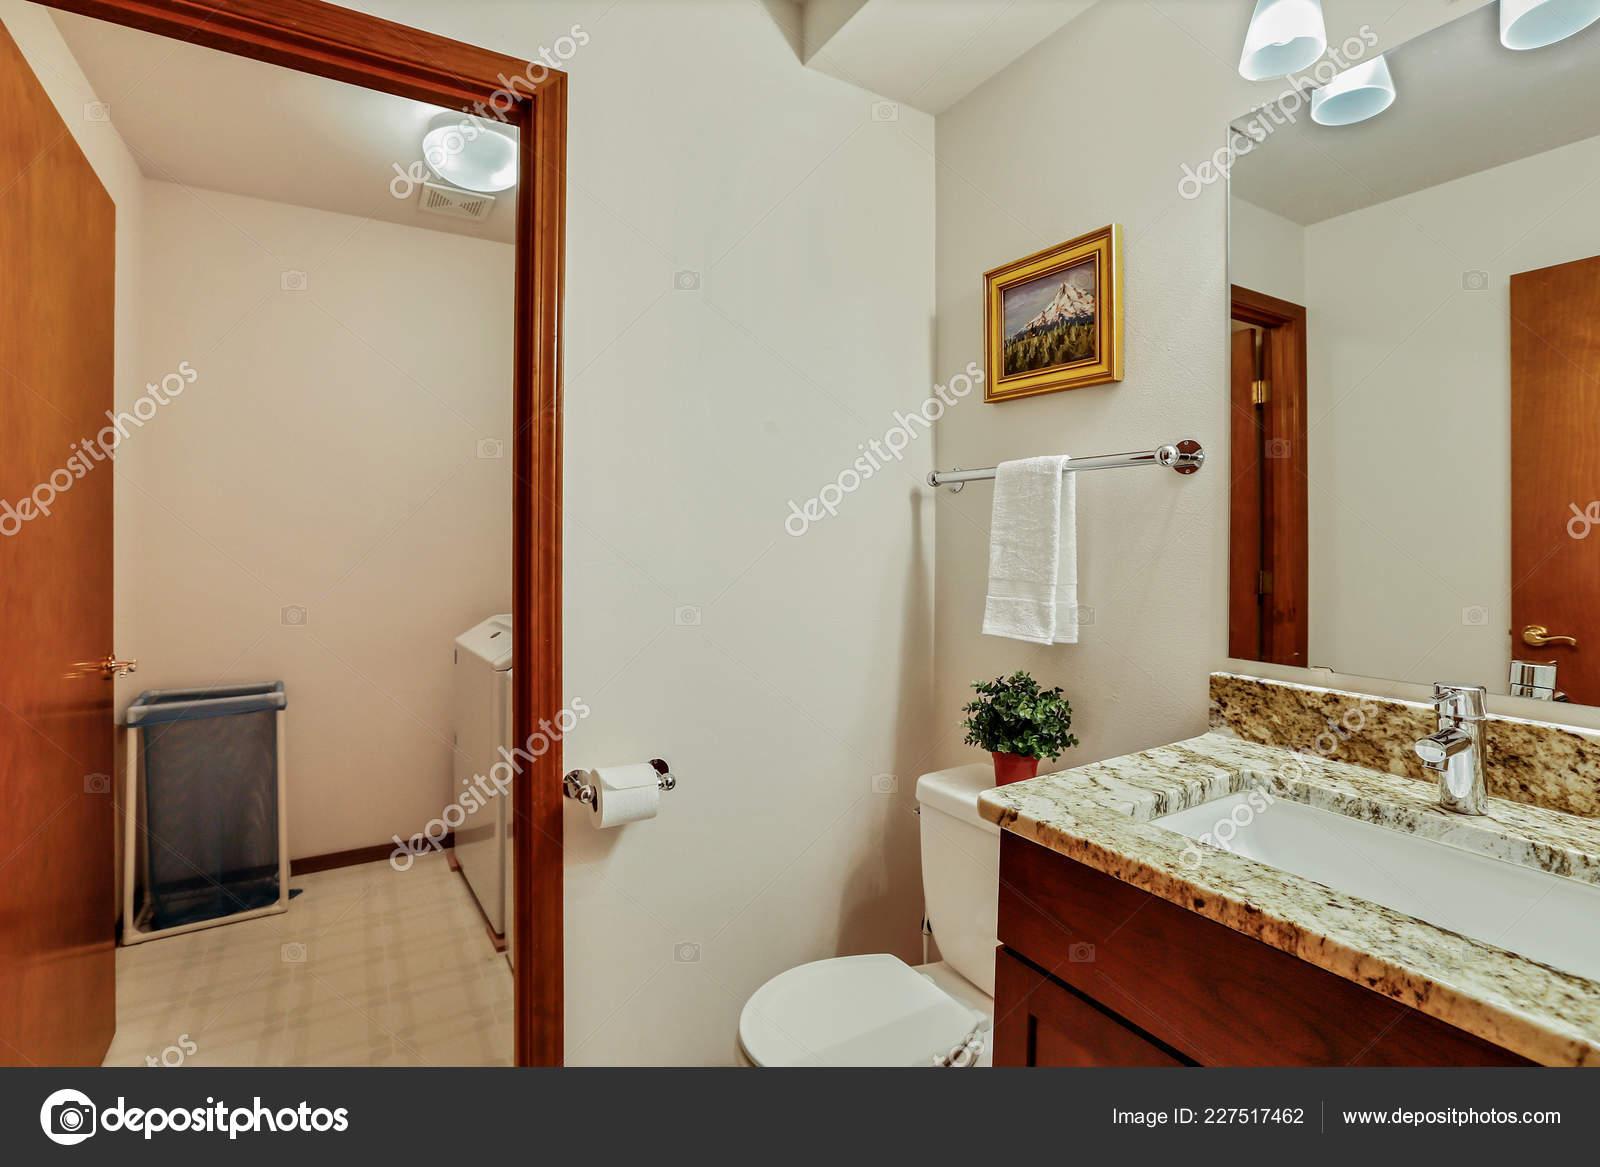 Kleine Gäste Badezimmer Mit Holz Eitelkeit Und Offene Tür U2014 Stockfoto